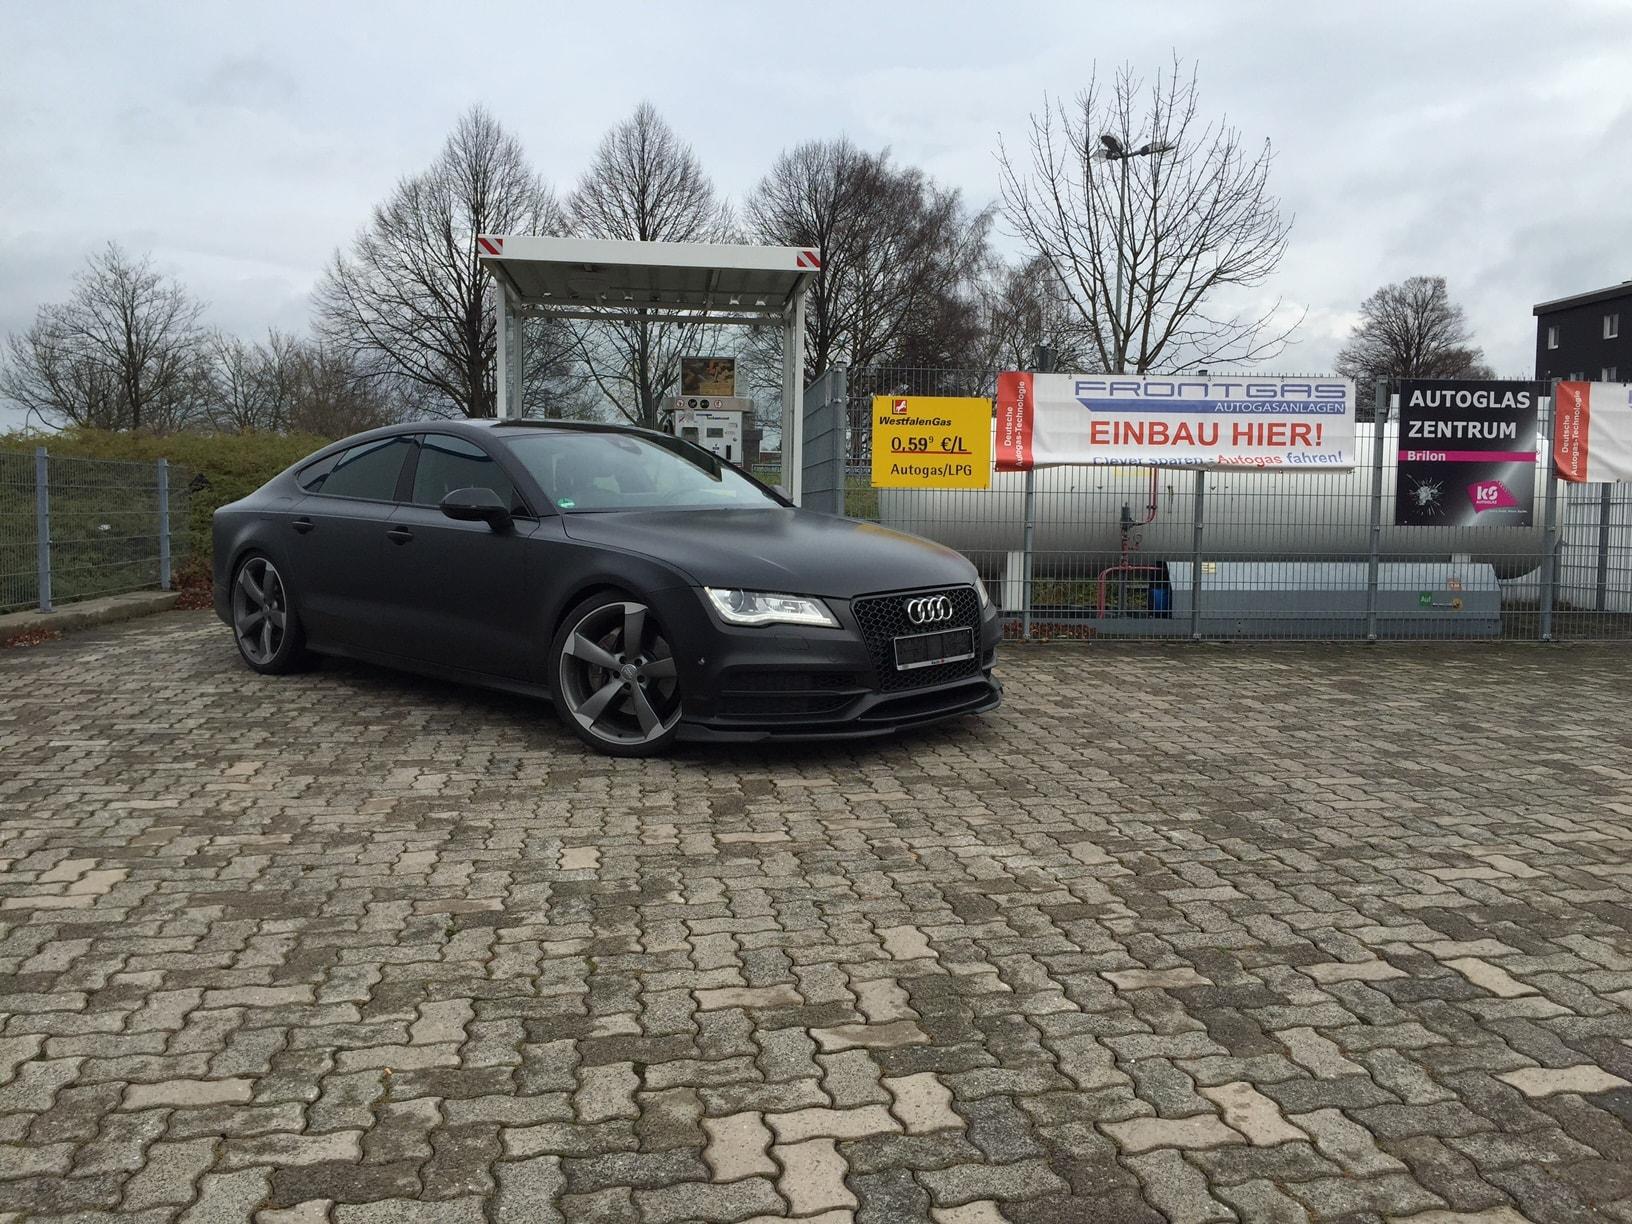 Autogas_R115-Umrüstung-auf-LPG-Autogas_Audi-A7-3,0TSI-Direkteinspritzer-Titelbild